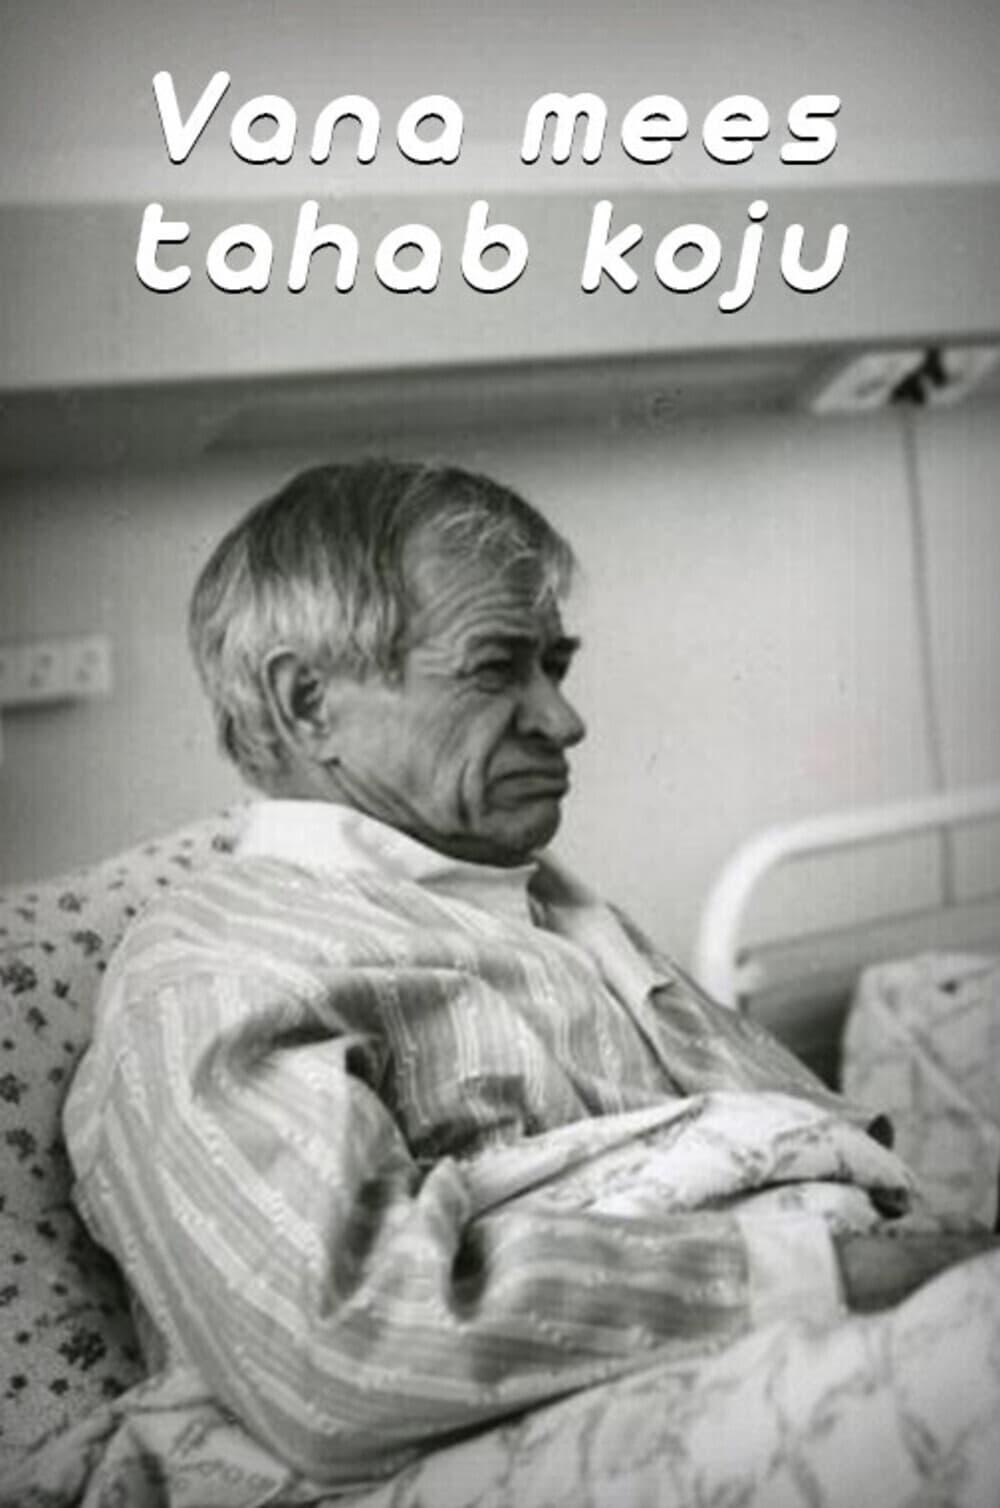 Vana mees tahab koju